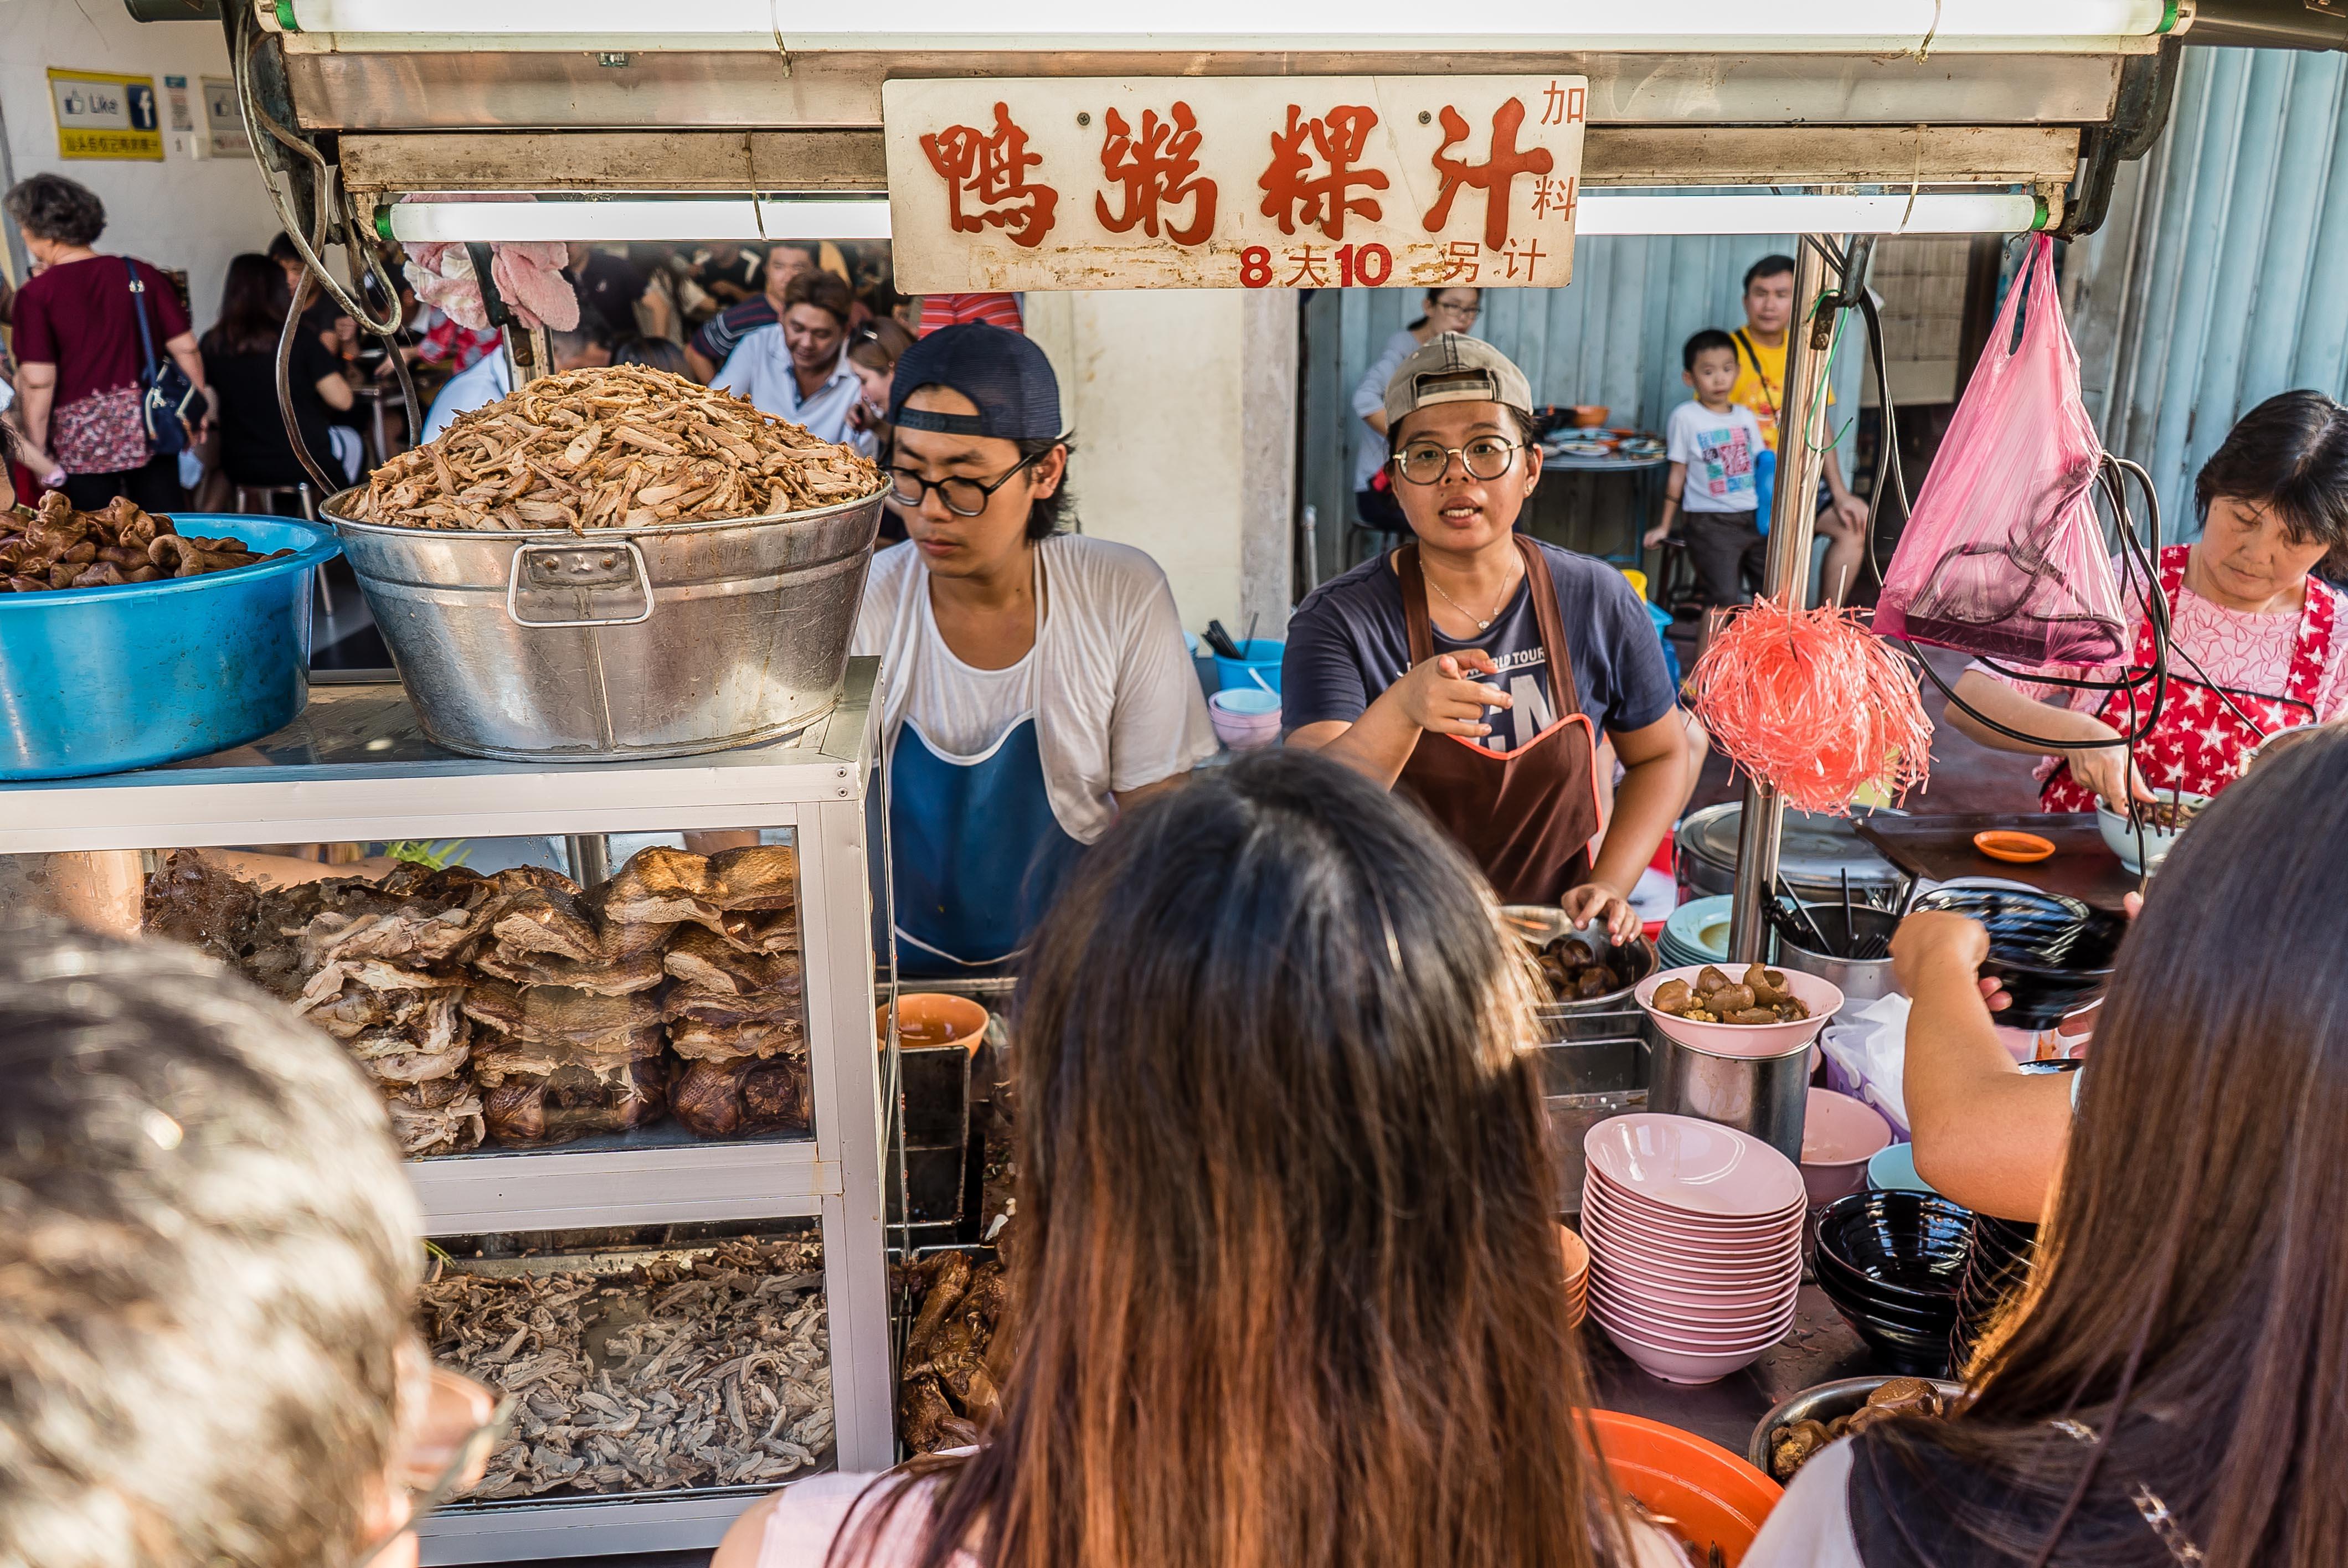 Kimberly Street Koay Chiap Street Food Vendor Georgetown Penang